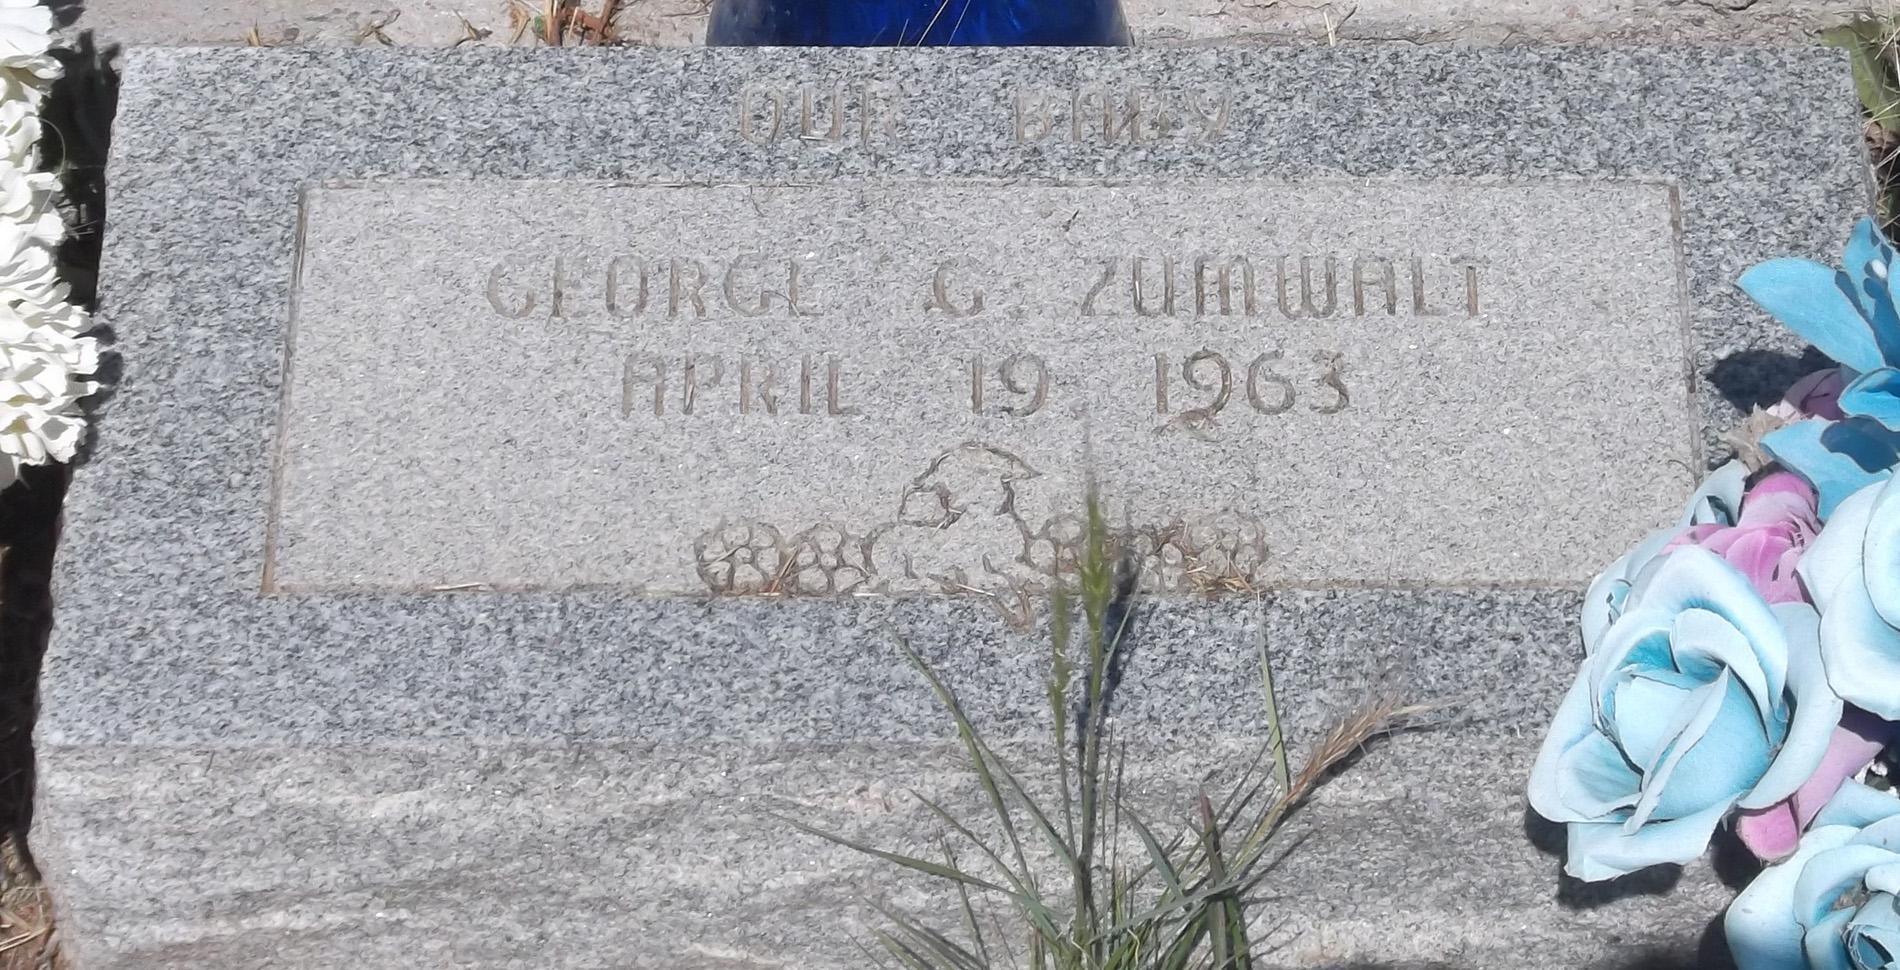 George G Zumwalt